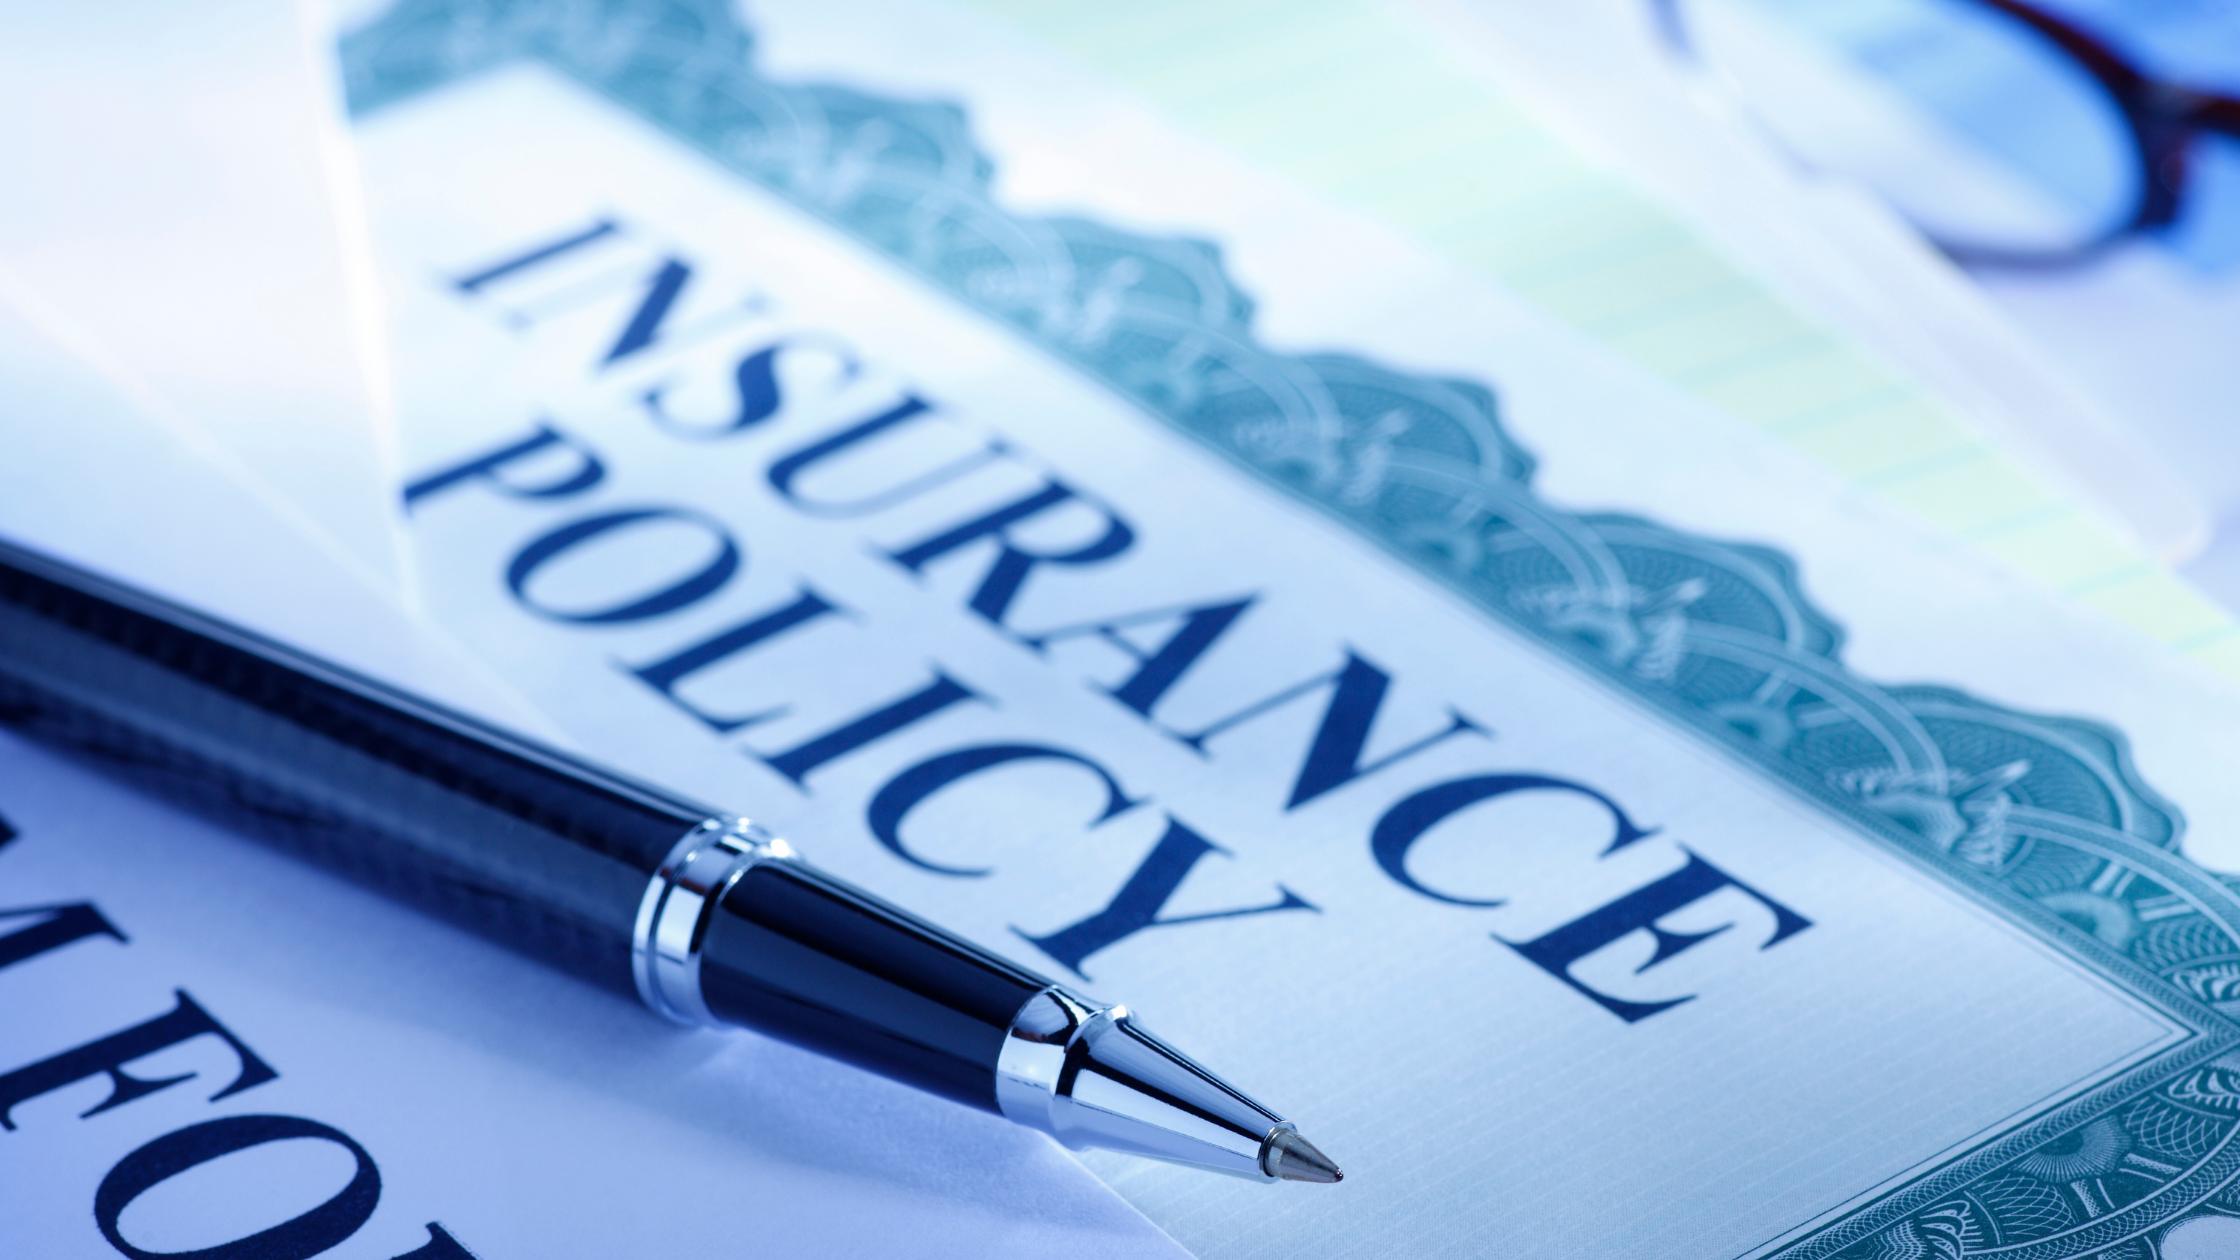 UIM - Underinsured Motorist Coverage in Colorado